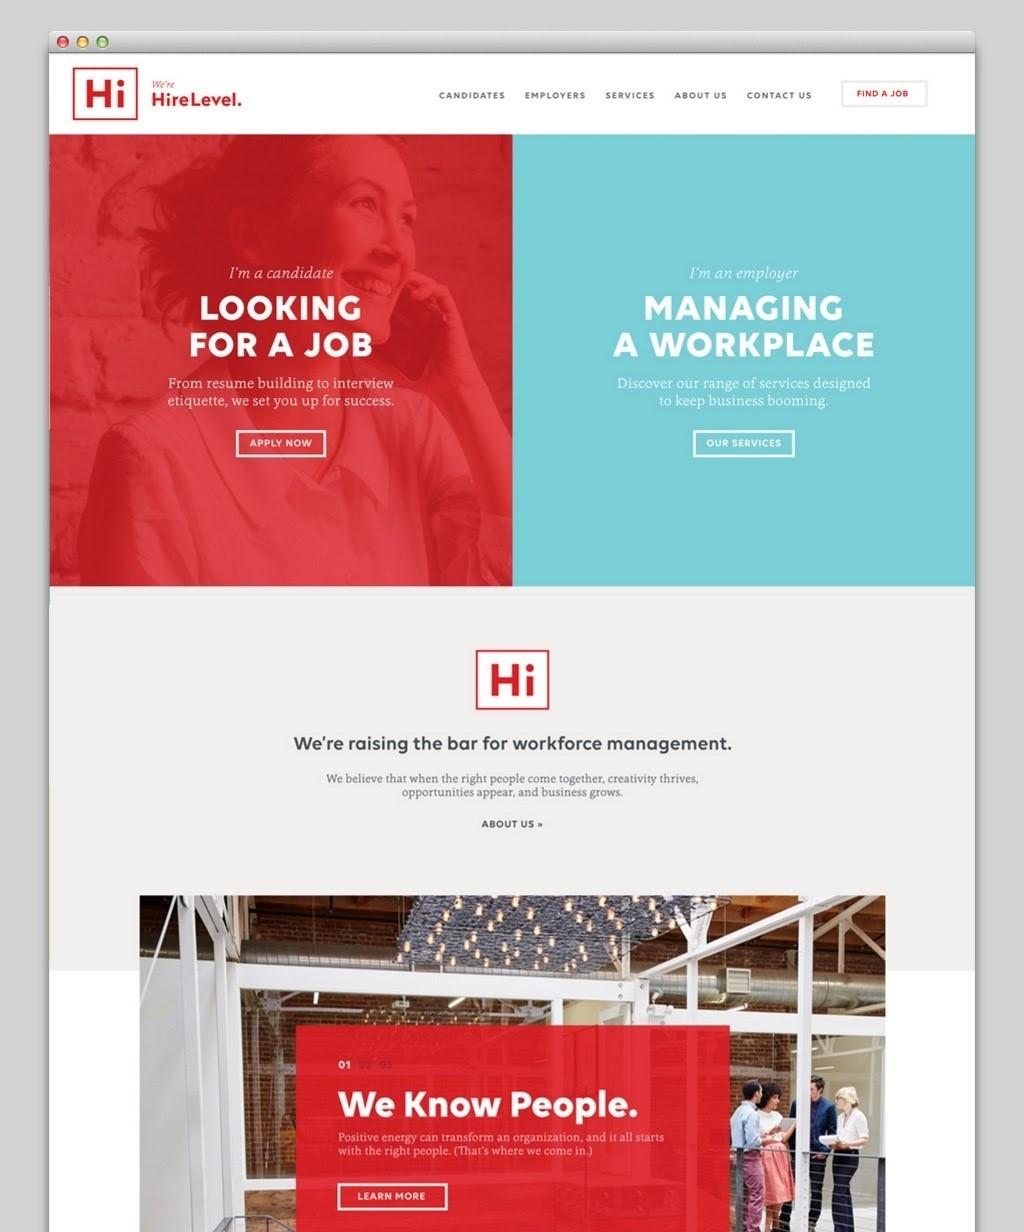 Tendencias de Diseño Web 2020: Dividir imágenes y colores.